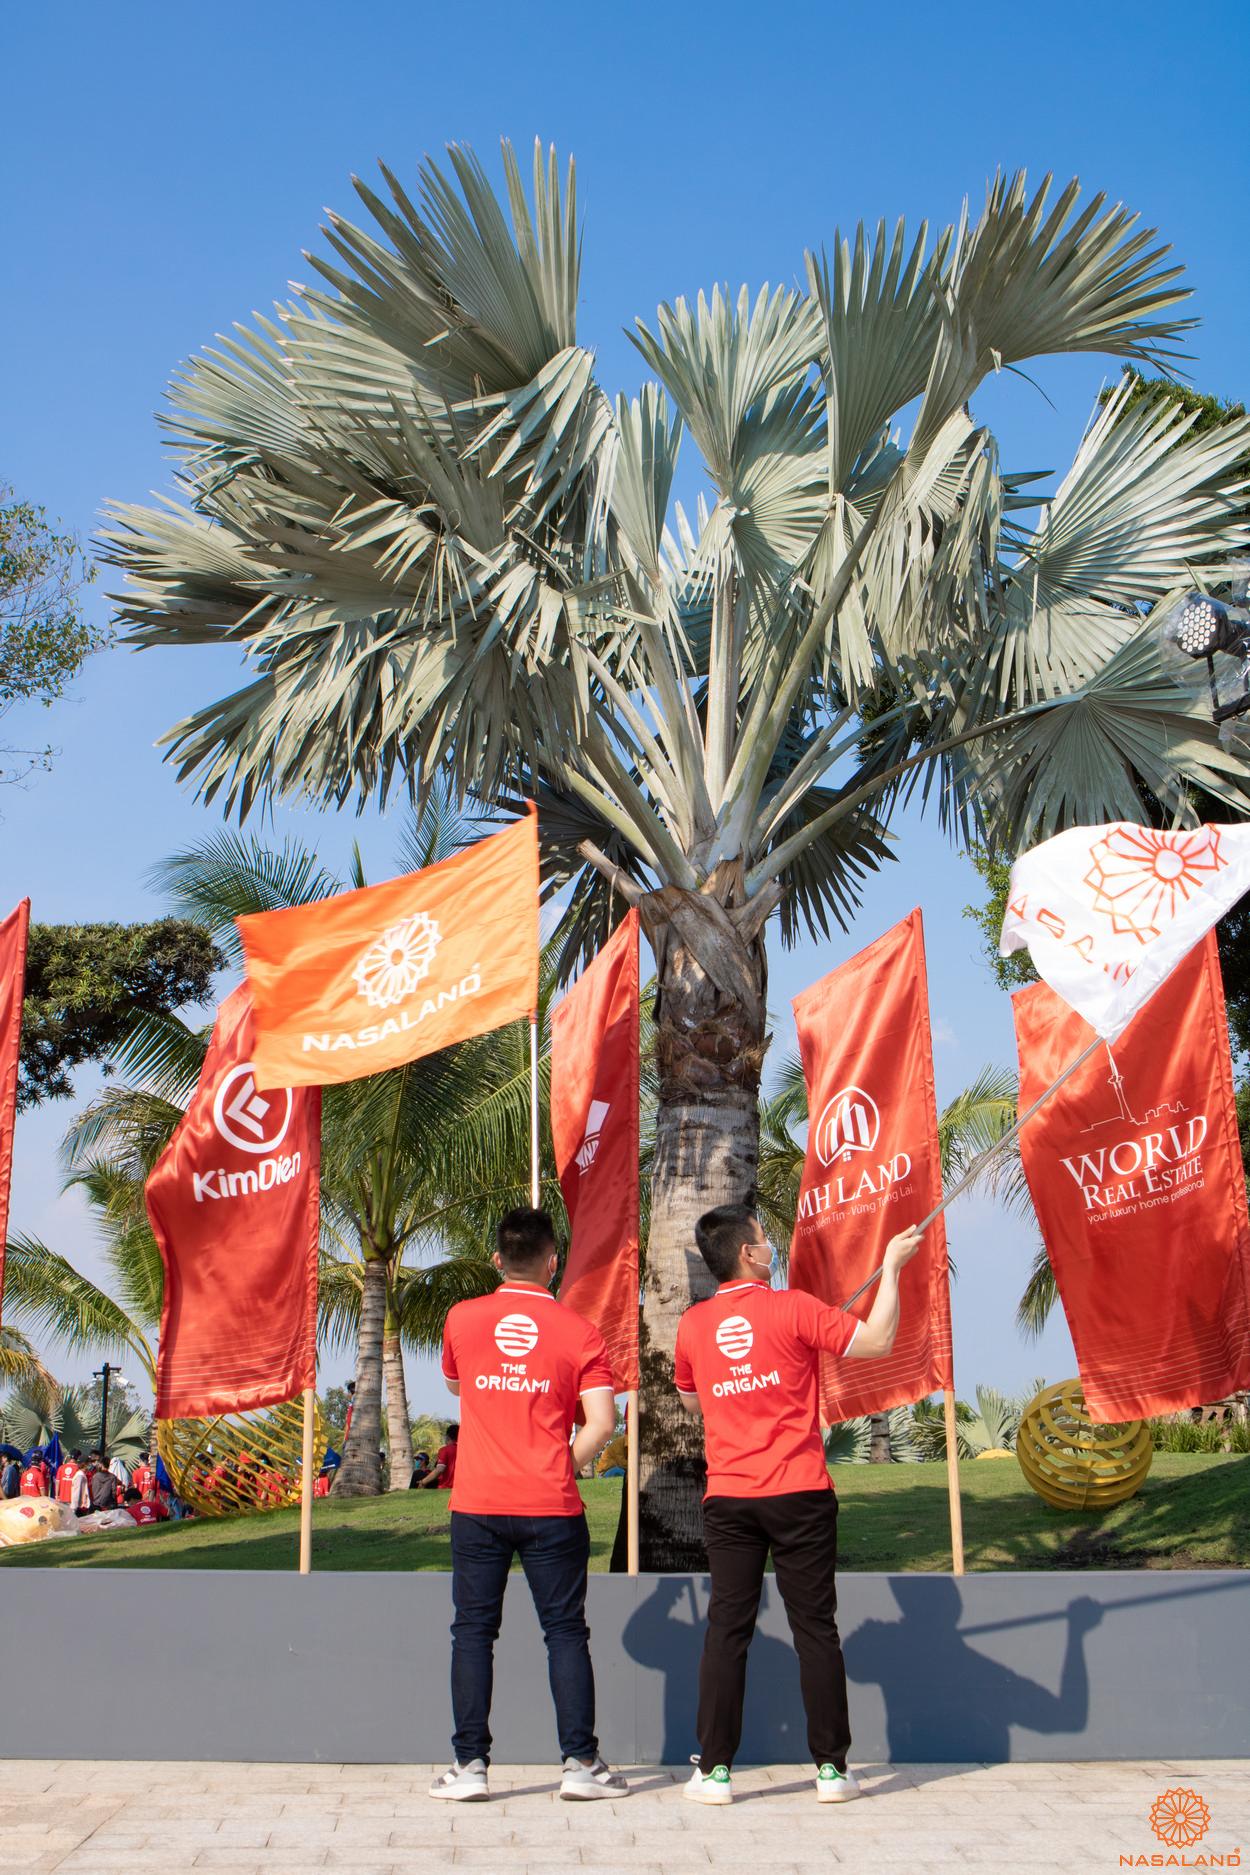 Tổng kết lễ ra quân Origami Vinhomes Grand Park - đưa cờ Nasaland vào chung với cờ của đại lý khác